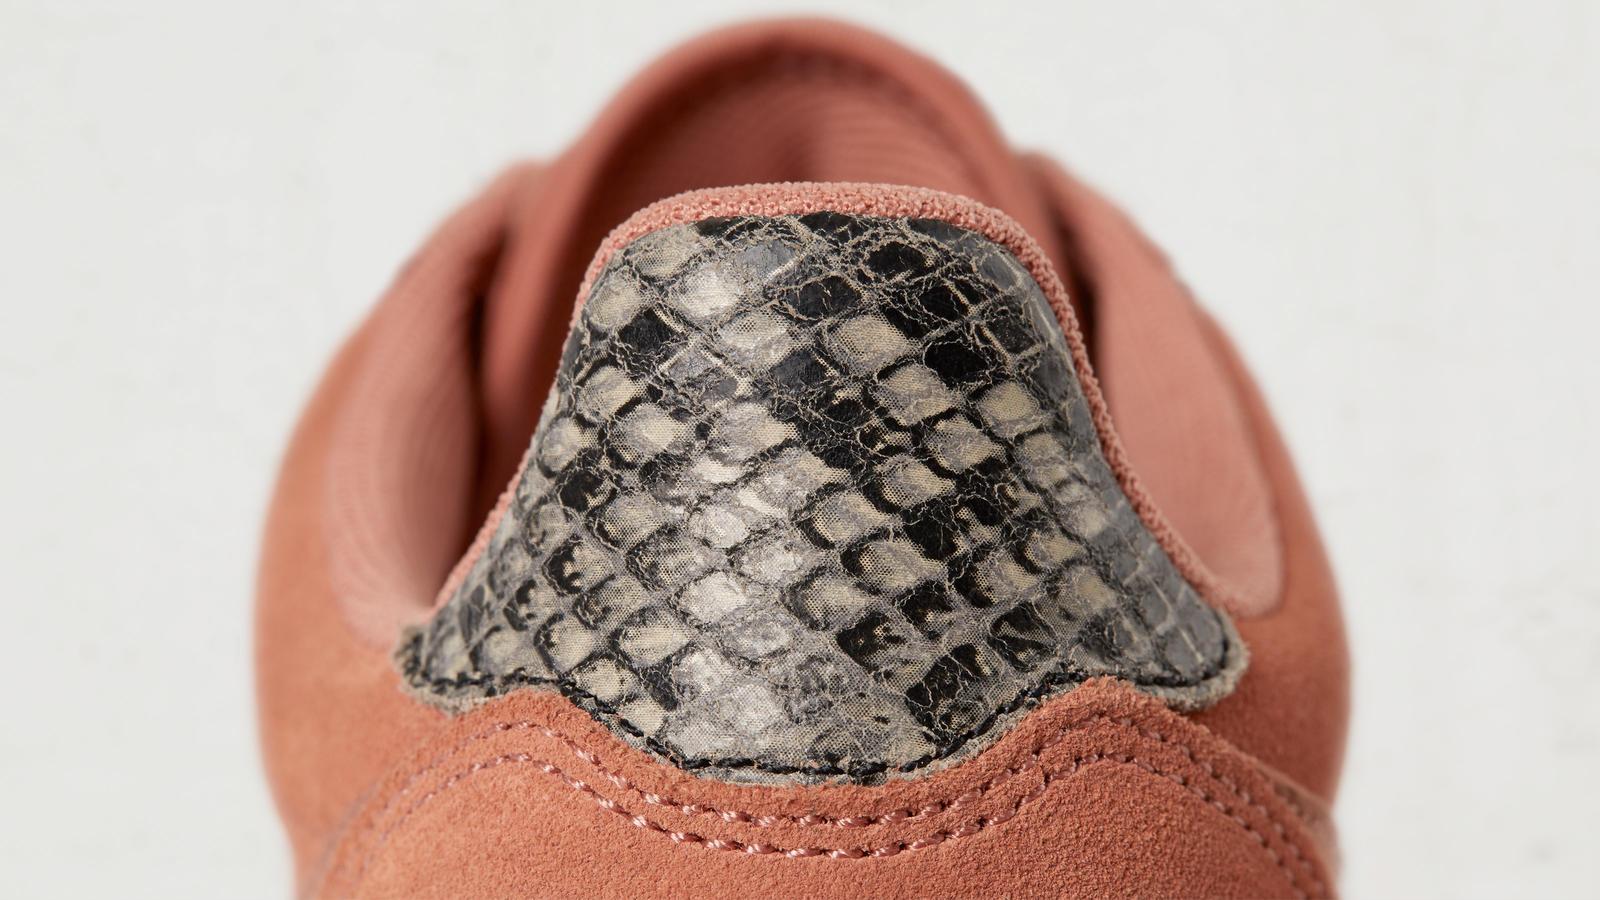 170519 footwear cortez alc pnk 0132 hd 1600